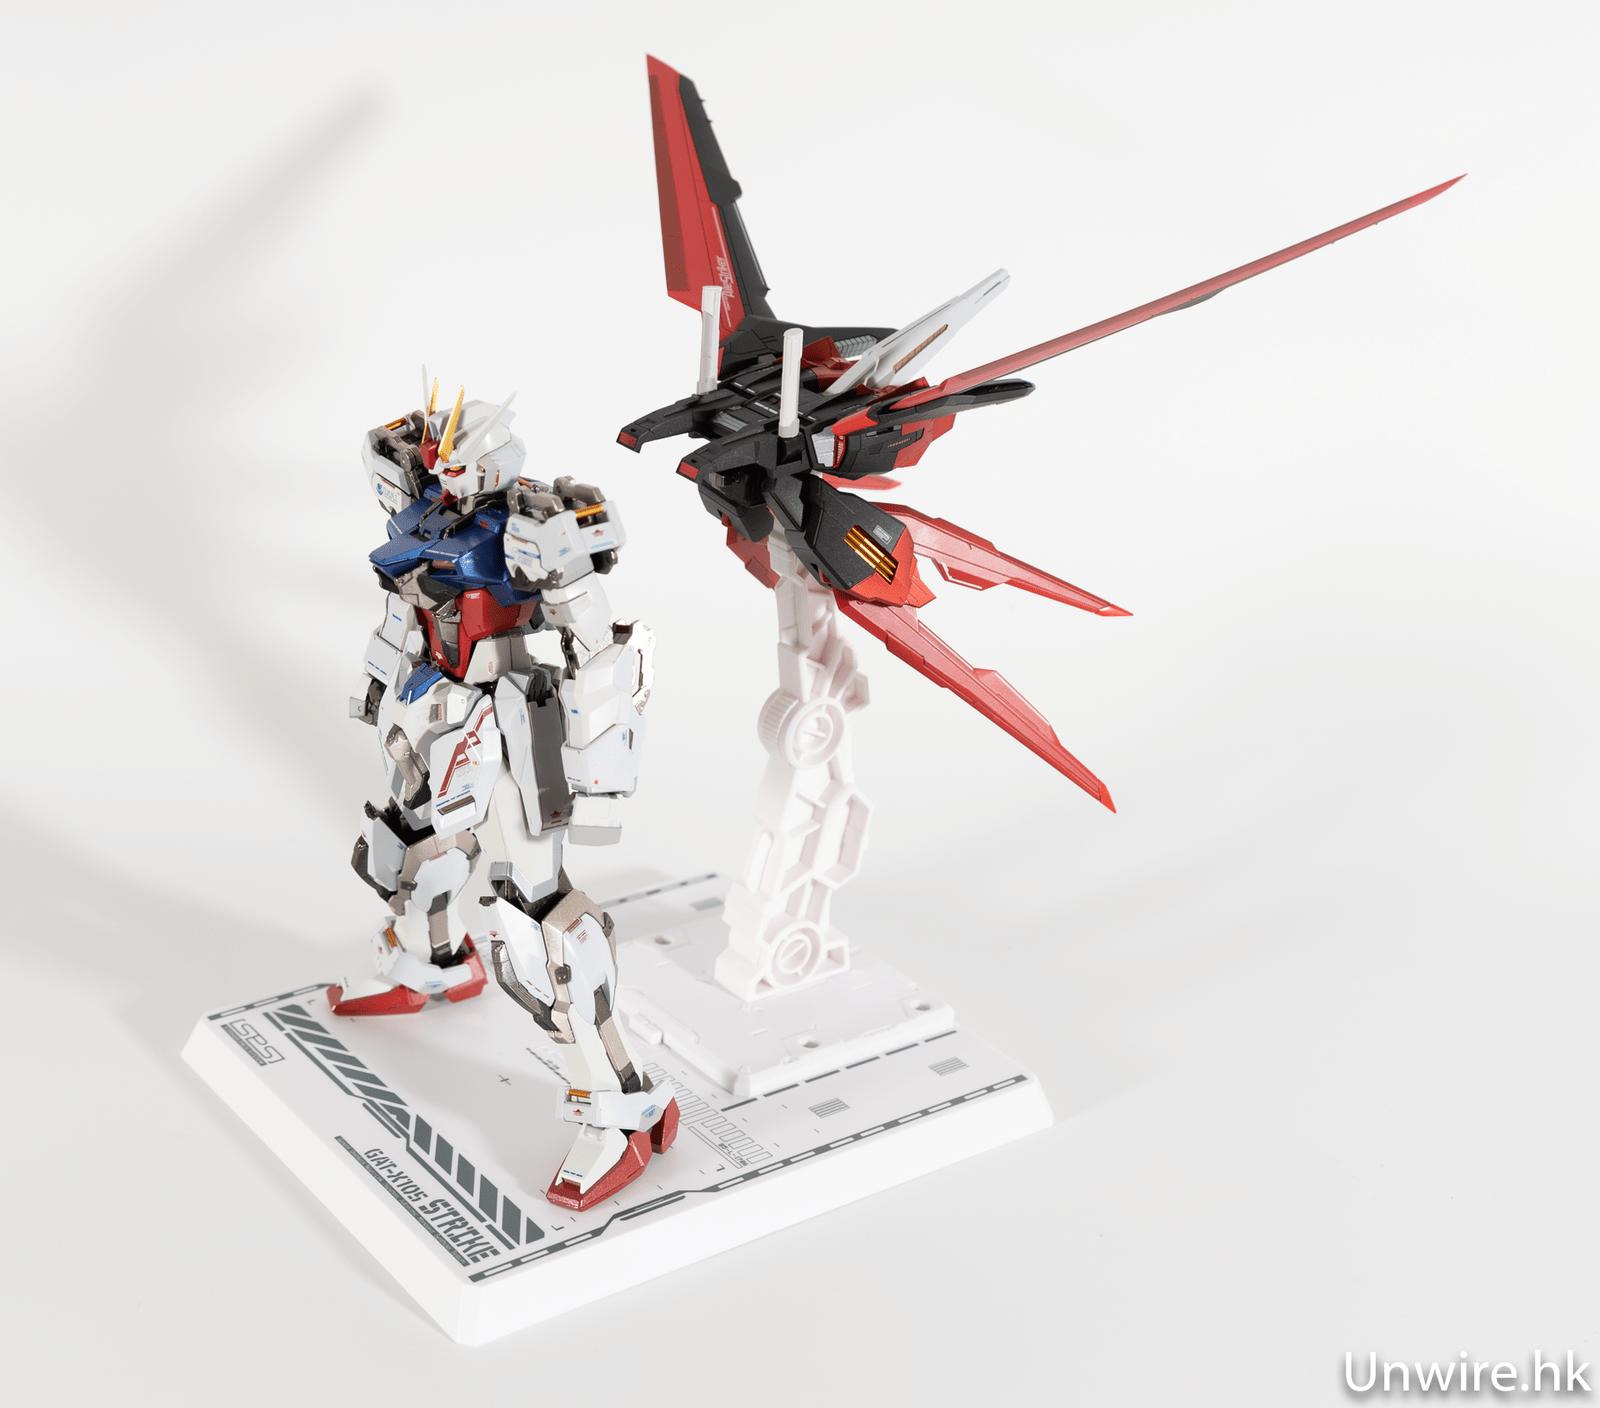 【評測】Metal Build 突擊高達 造型超靚+金屬量高